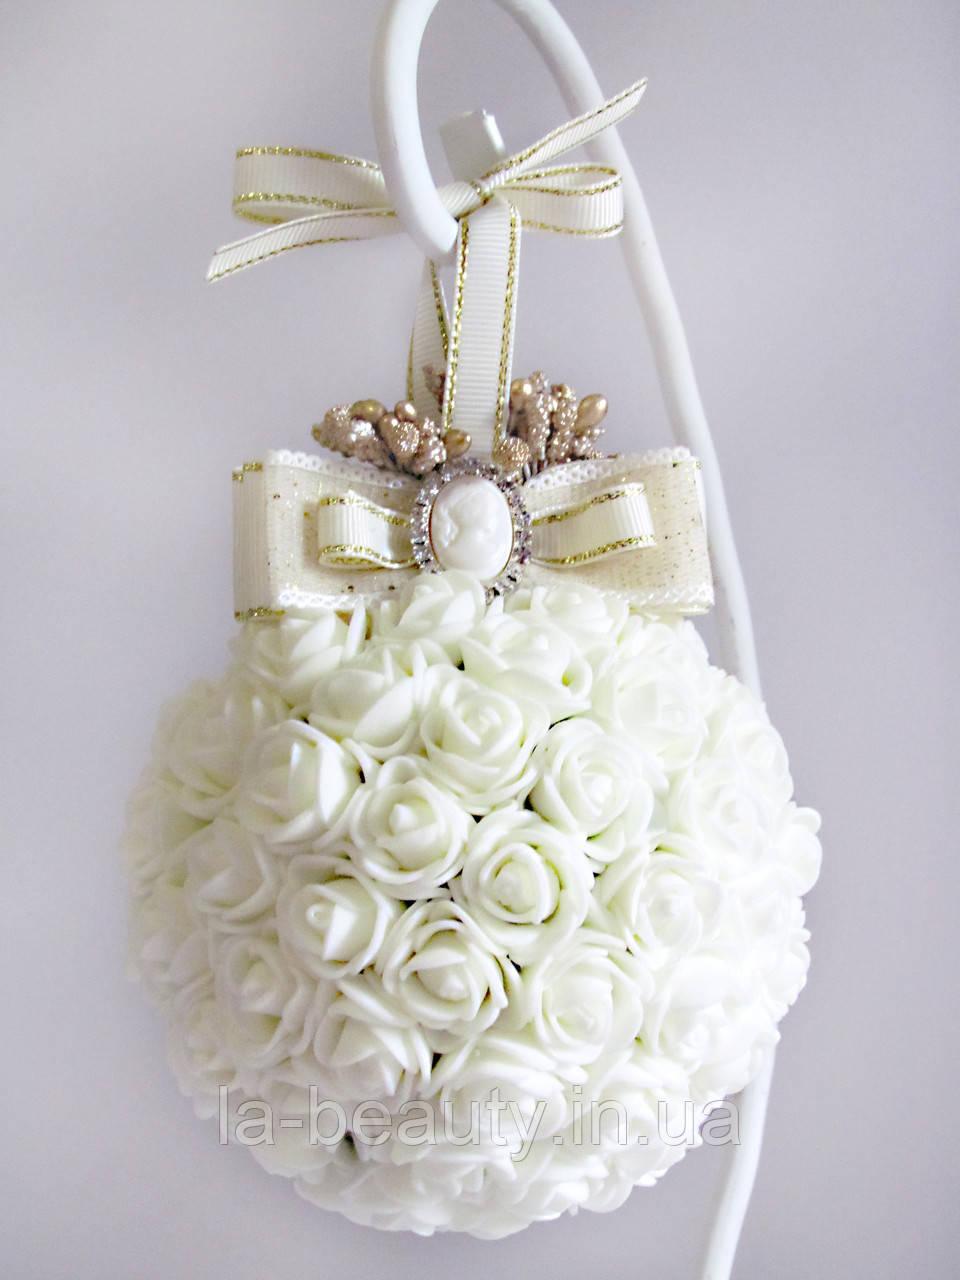 Декор для интерьера или свадьбы в стиле шебби-шик айвори Luxury Ivory